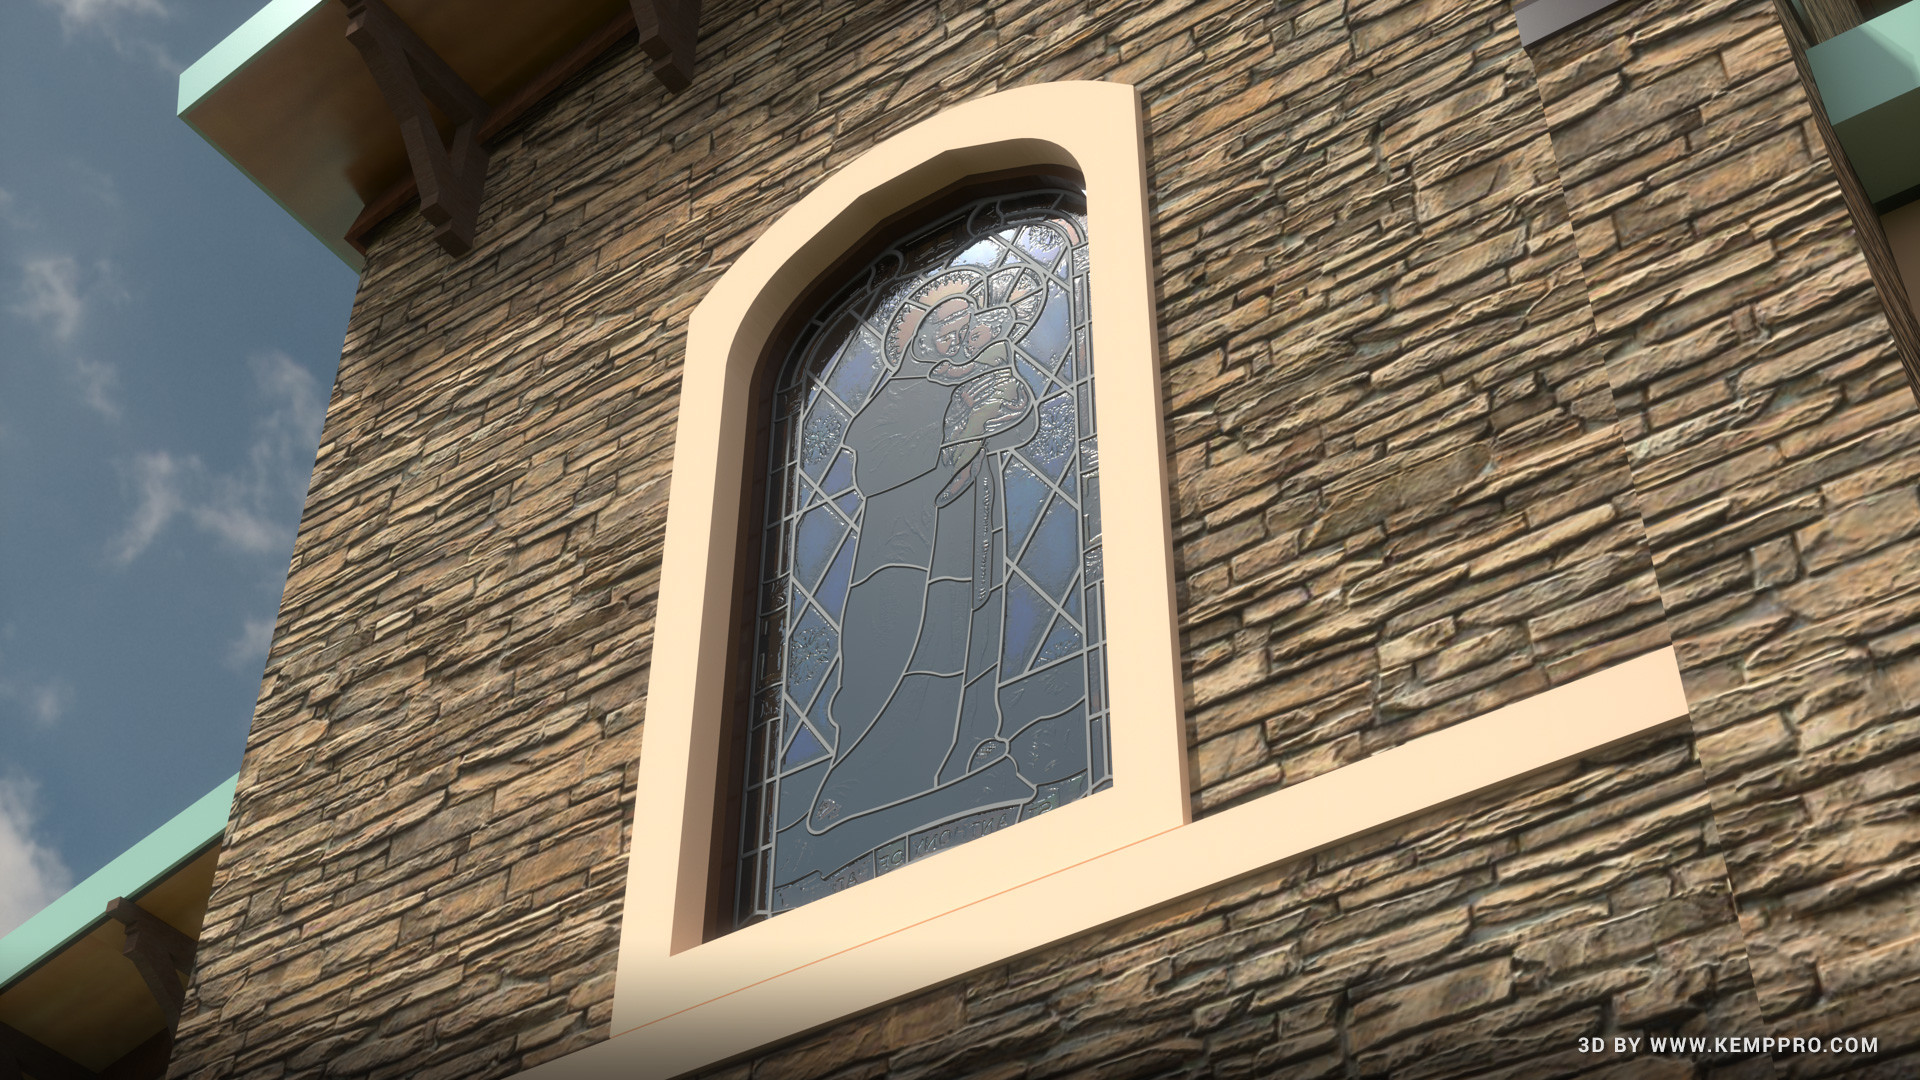 Duane kemp stained glass window scene 4 ck